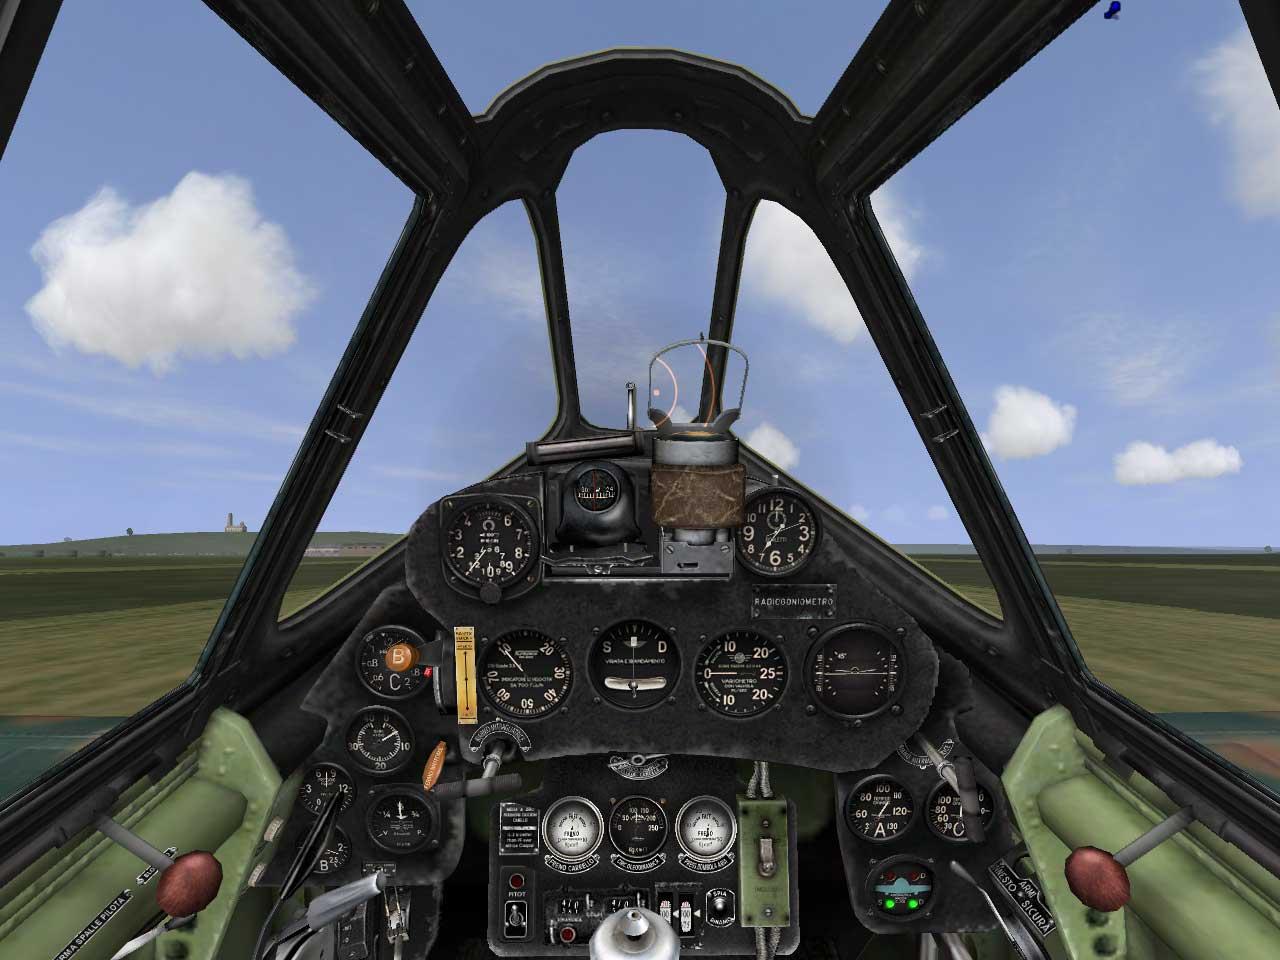 Allemands avions russes avions us gb avions japonais retour suivant